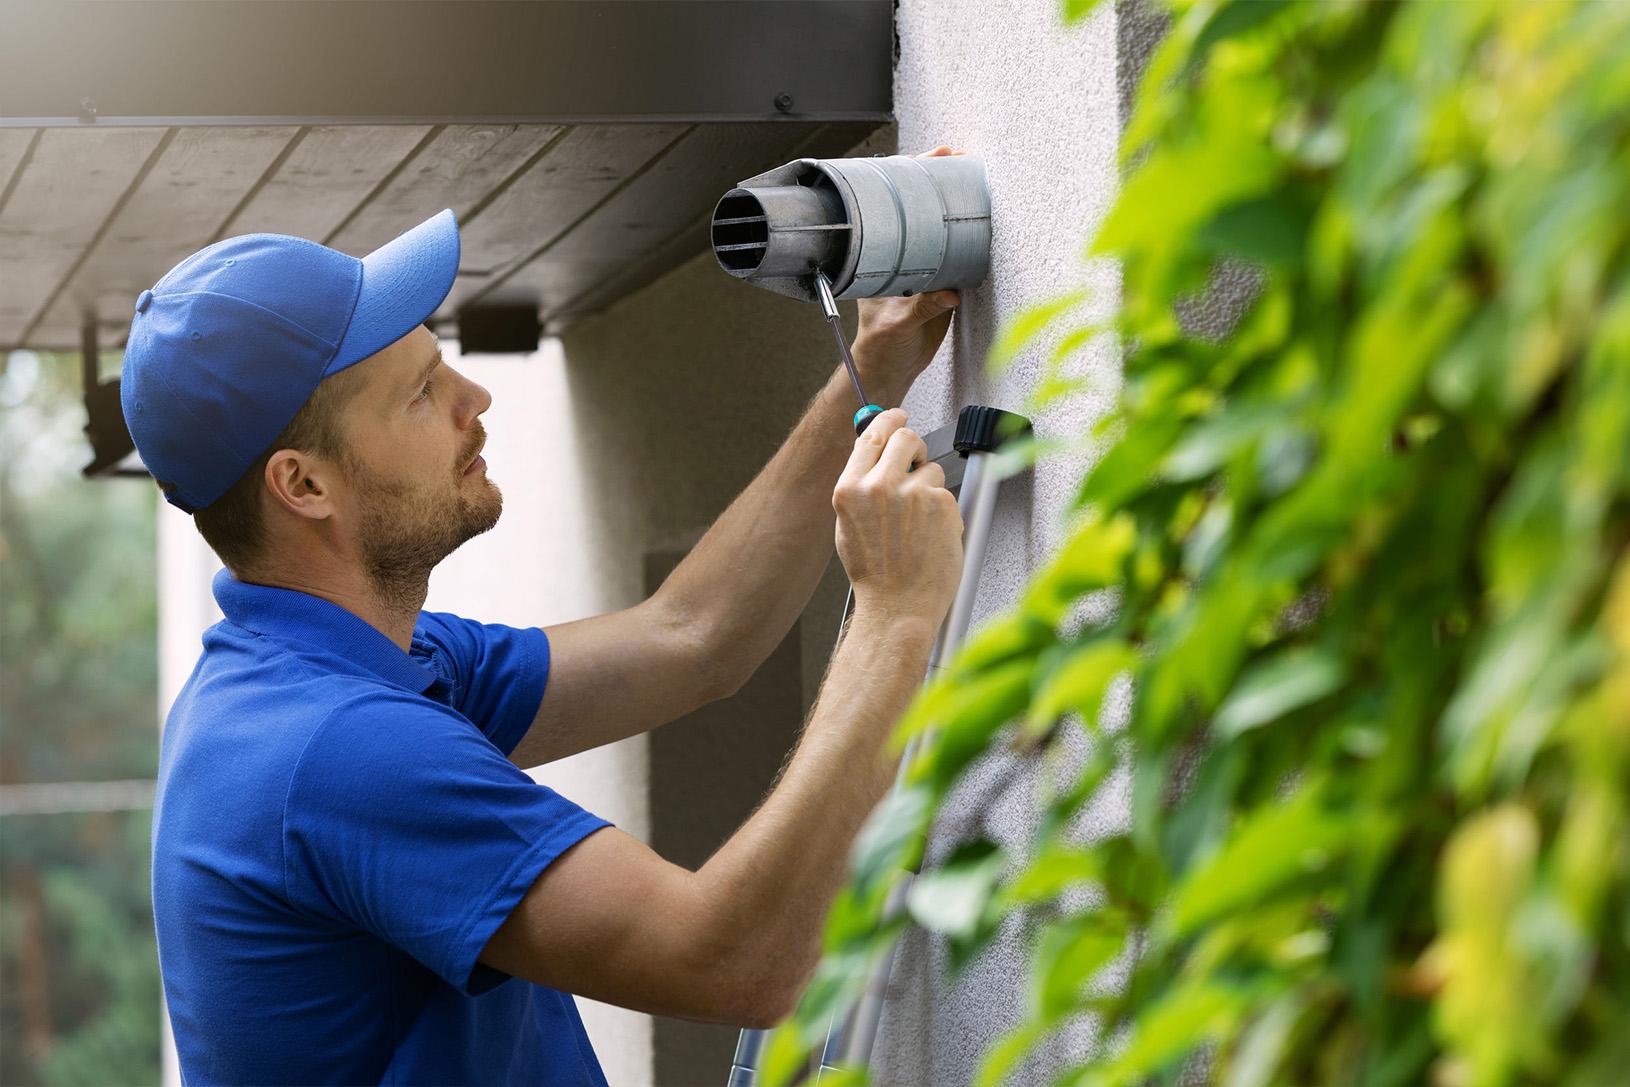 experienced engineers repairing boiler flue